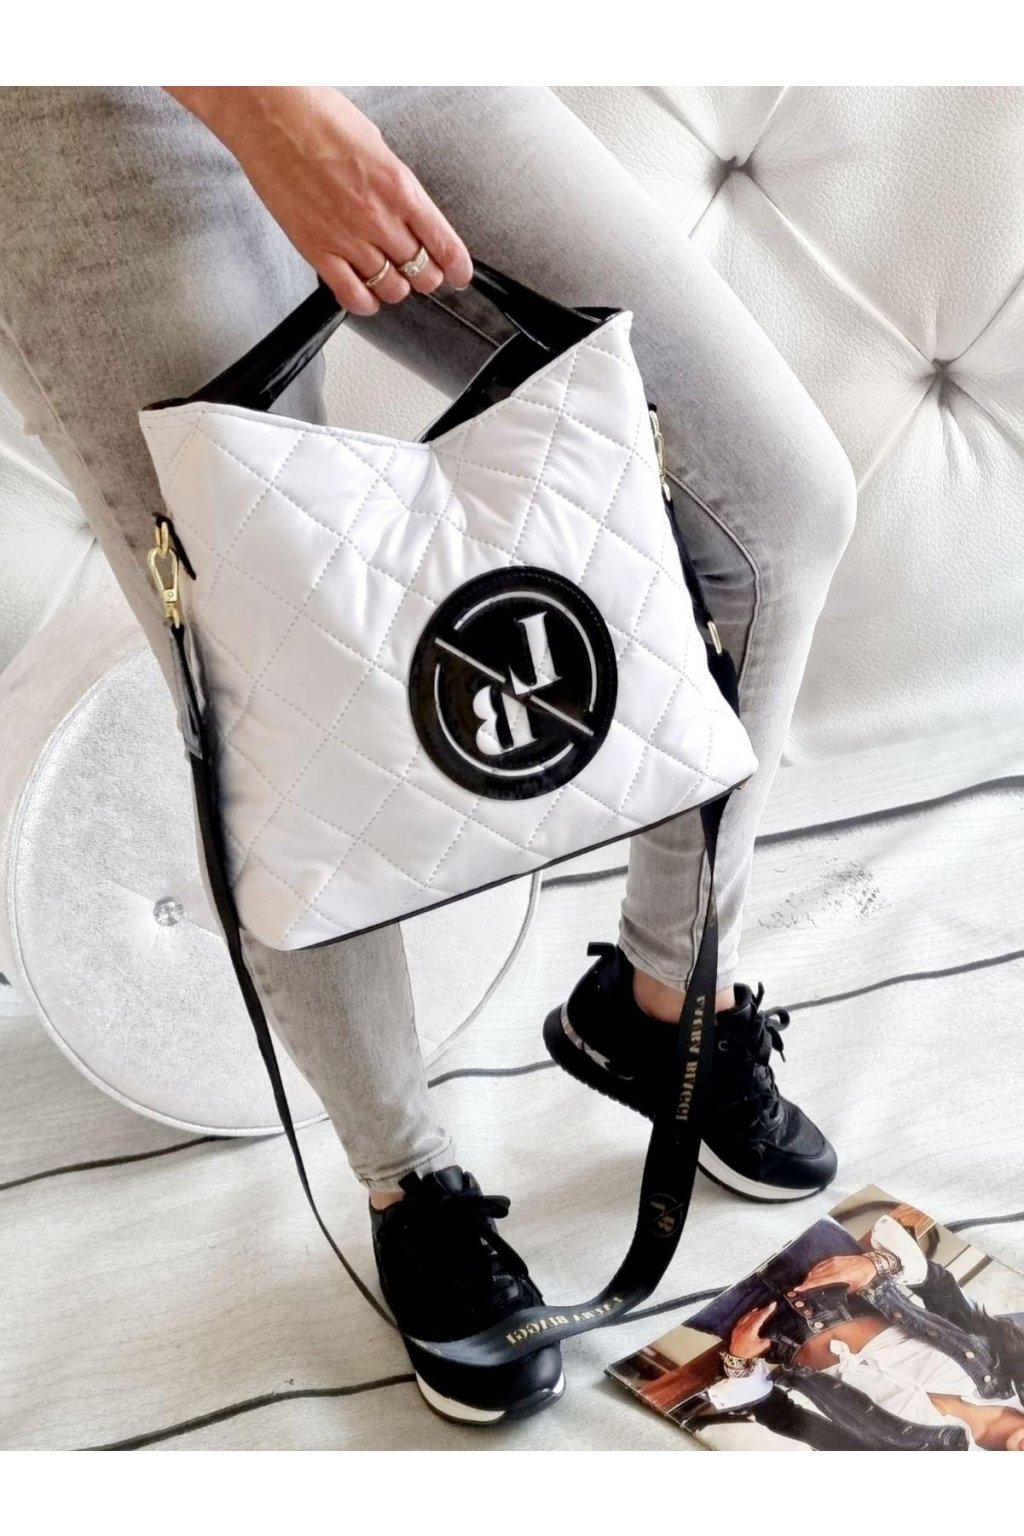 laura biaggi kabelka trendy značková luxusní kabelka bílá